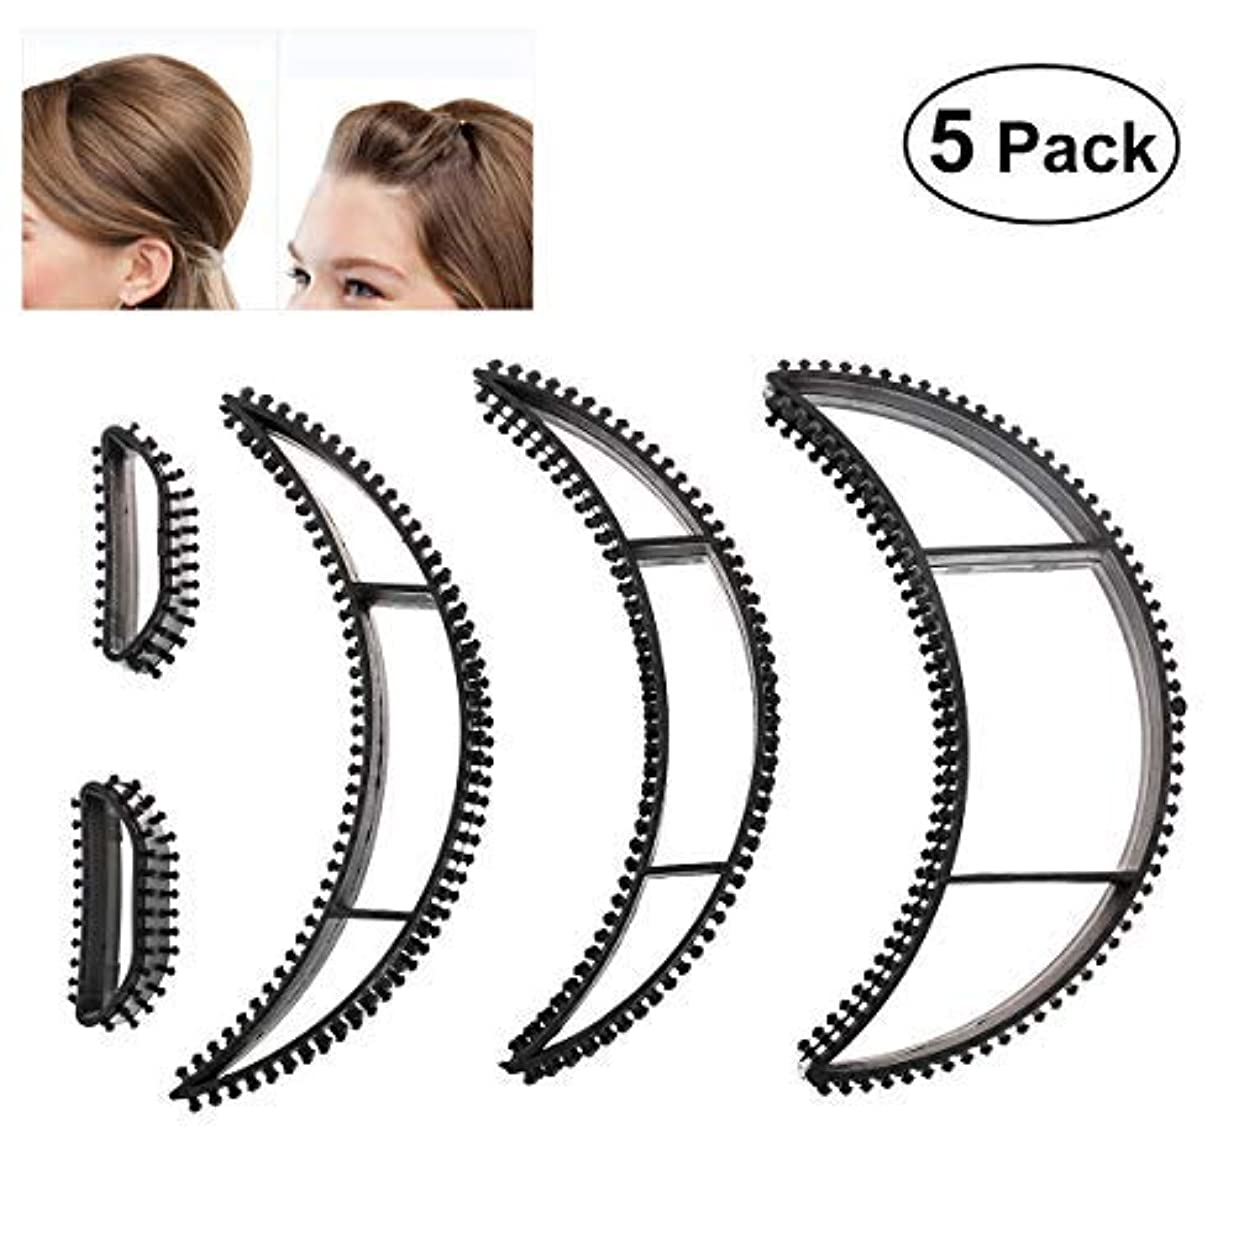 バックアップ乳剤苦しむTinksky Big Bumpits Happie Hair Volumizing Inserts Hair Pump Beauty Set Tool Gift,Pack of 5 (Black) [並行輸入品]